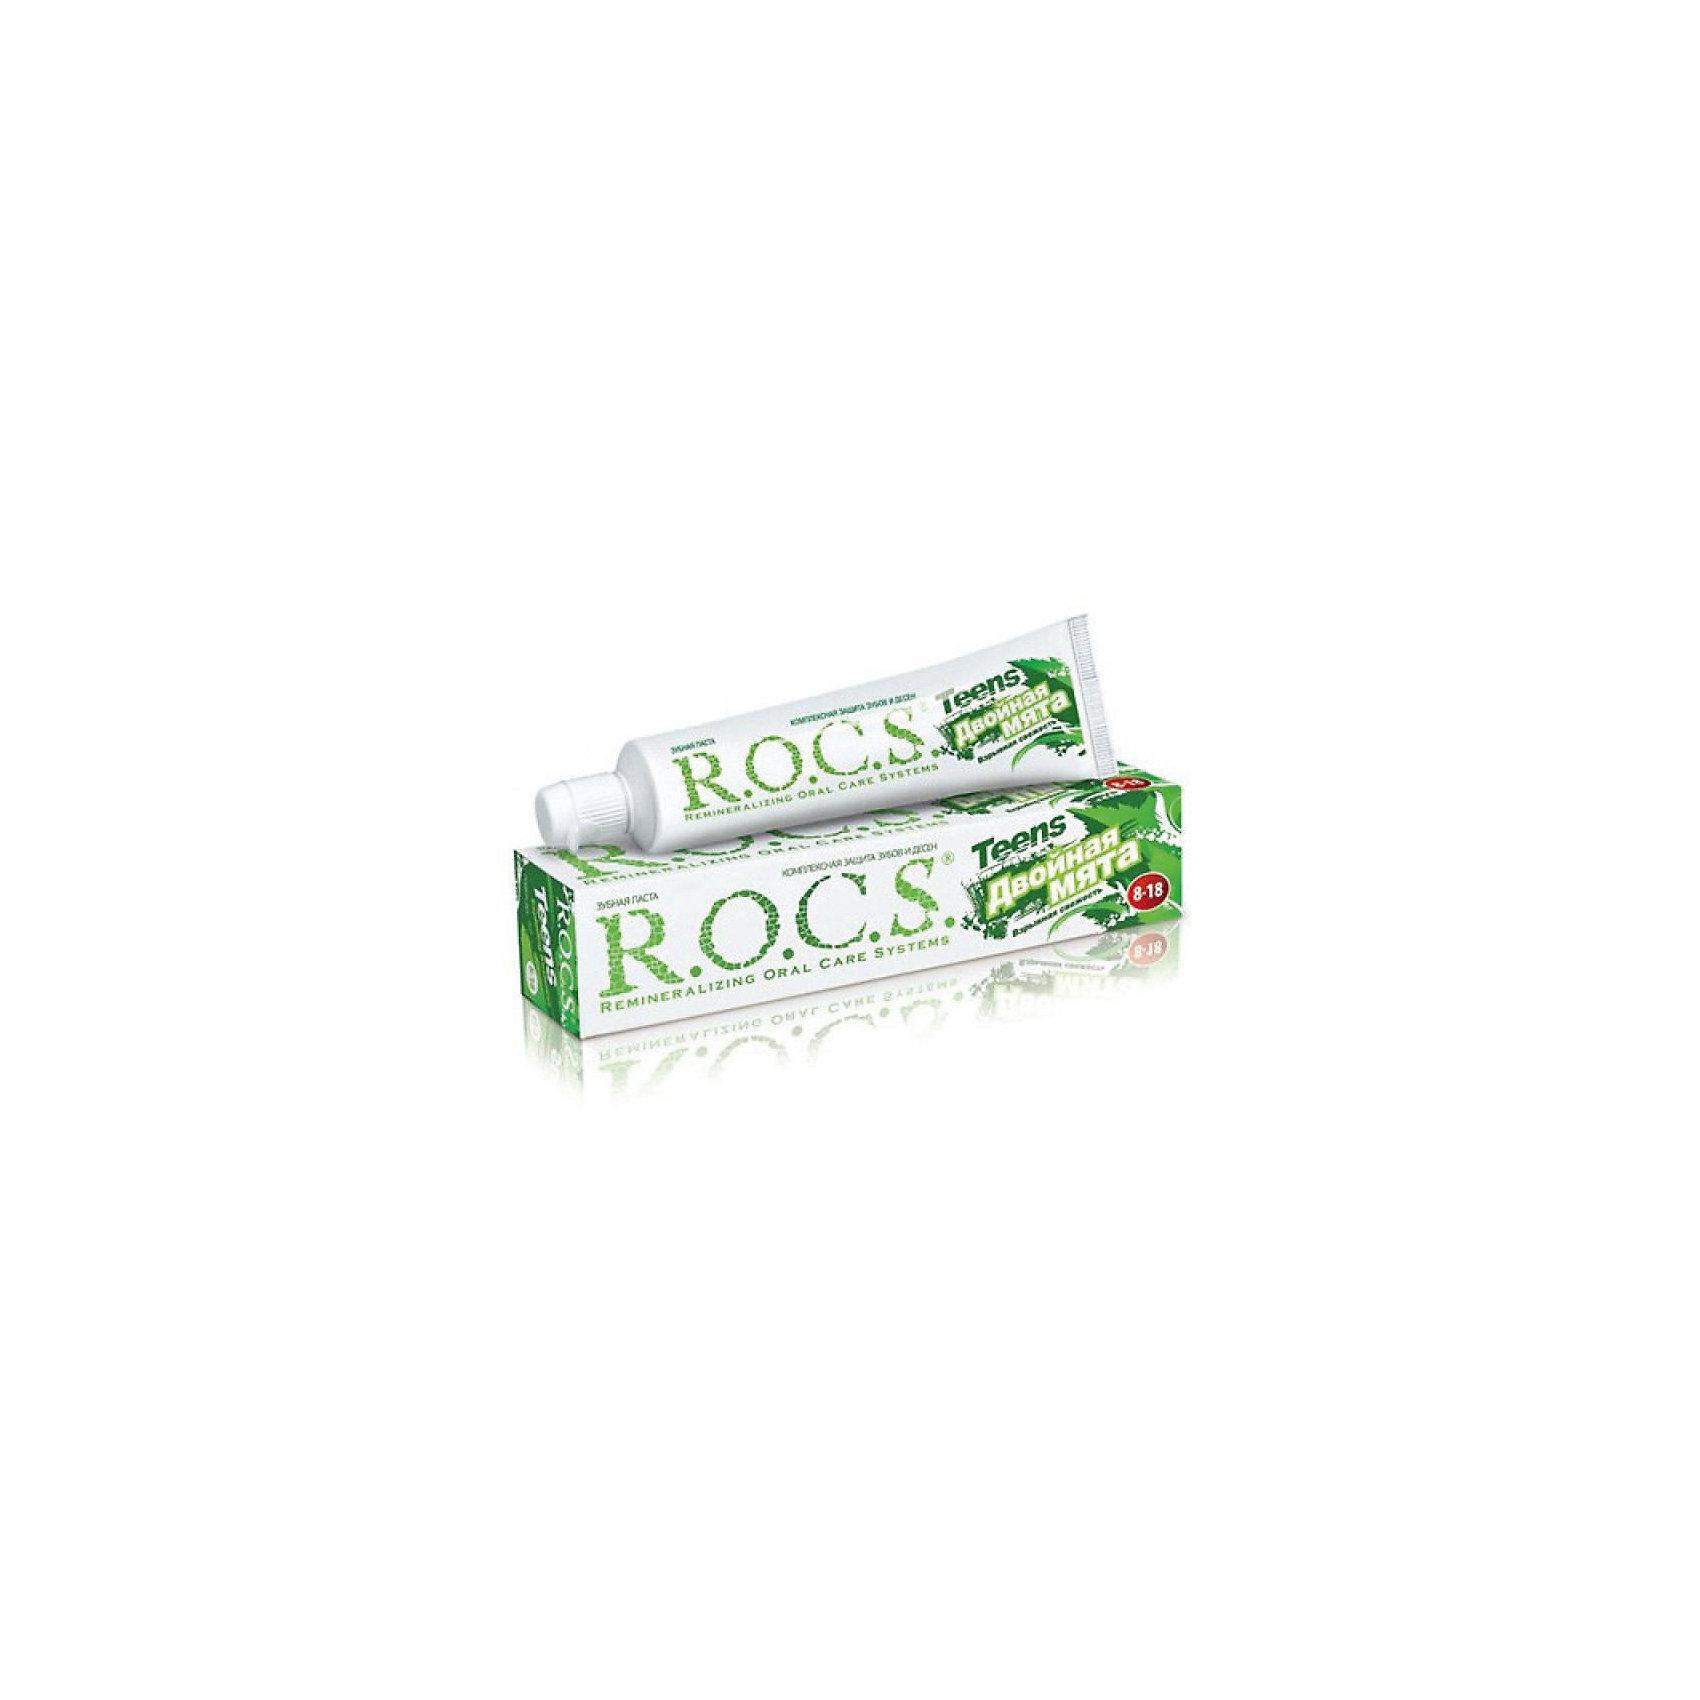 Зубная паста для подростков Teens (8-18 лет) Двойная мята, взрывная свежесть, 74гр., ROCS (R.O.C.S.)